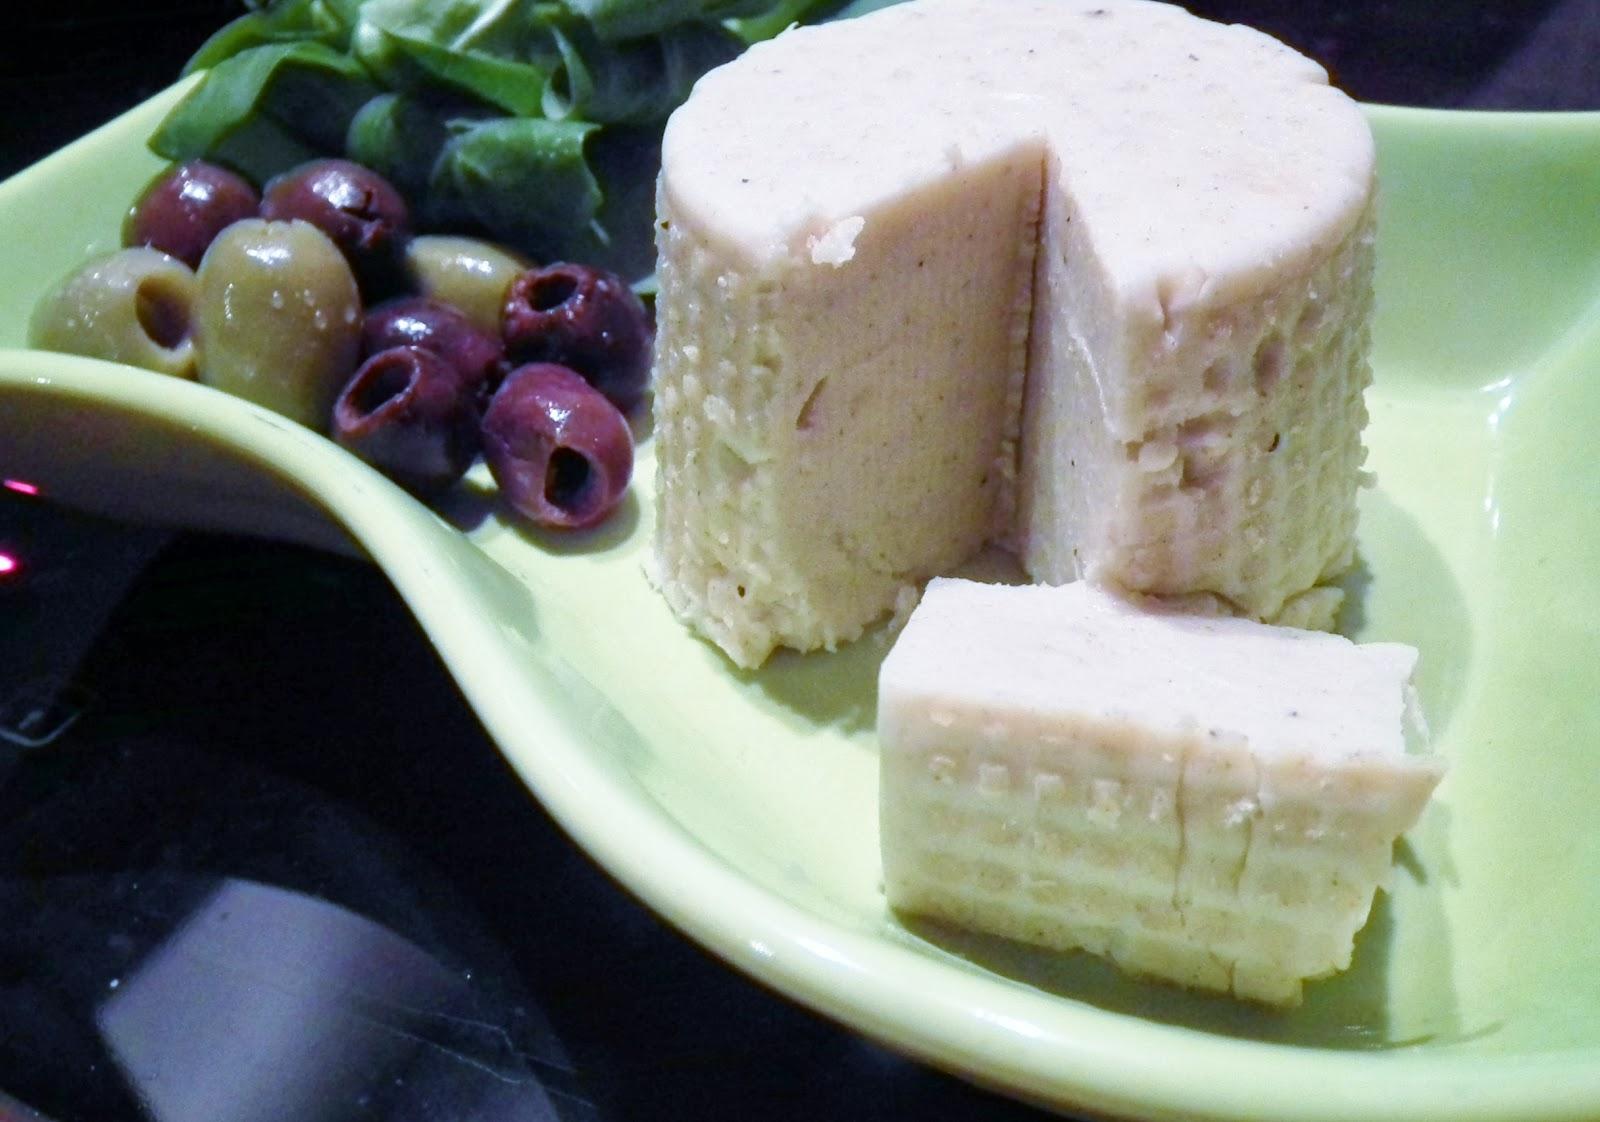 formaggio vegano con yogurt di soia ( fatto in casa )